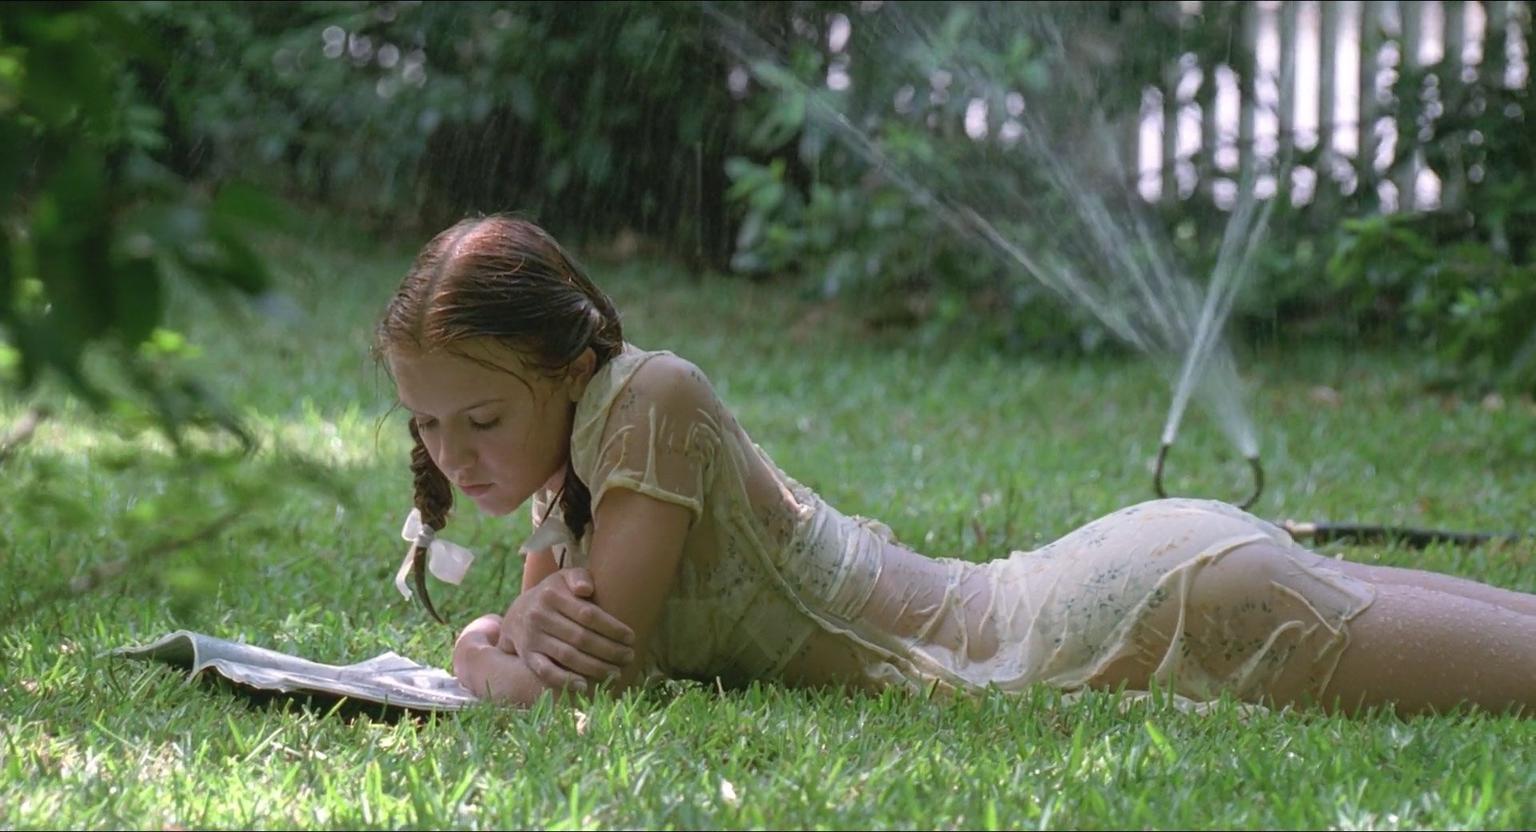 swinger-parties-movie-teen-scene-download-wet-mum-teen